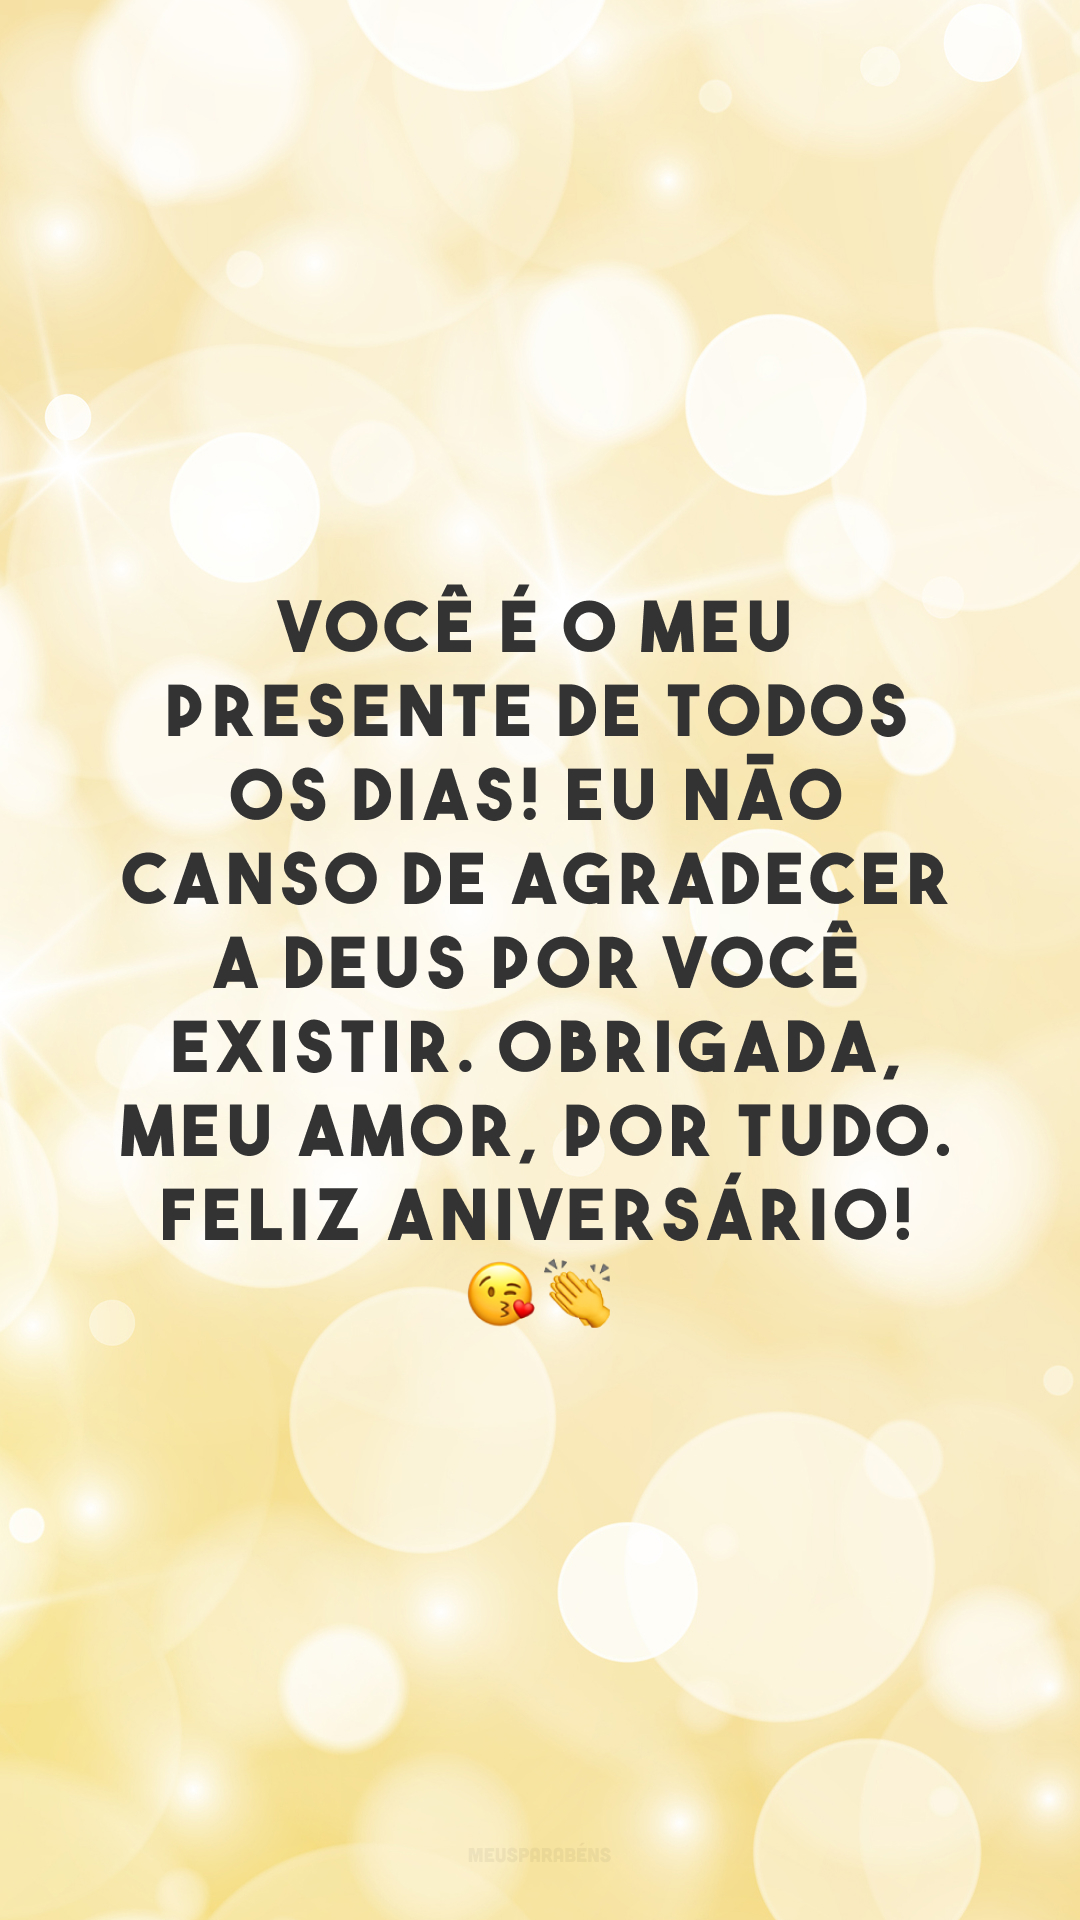 Você é o meu presente de todos os dias! Eu não canso de agradecer a Deus por você existir. Obrigada, meu amor, por tudo. Feliz aniversário! 😘👏